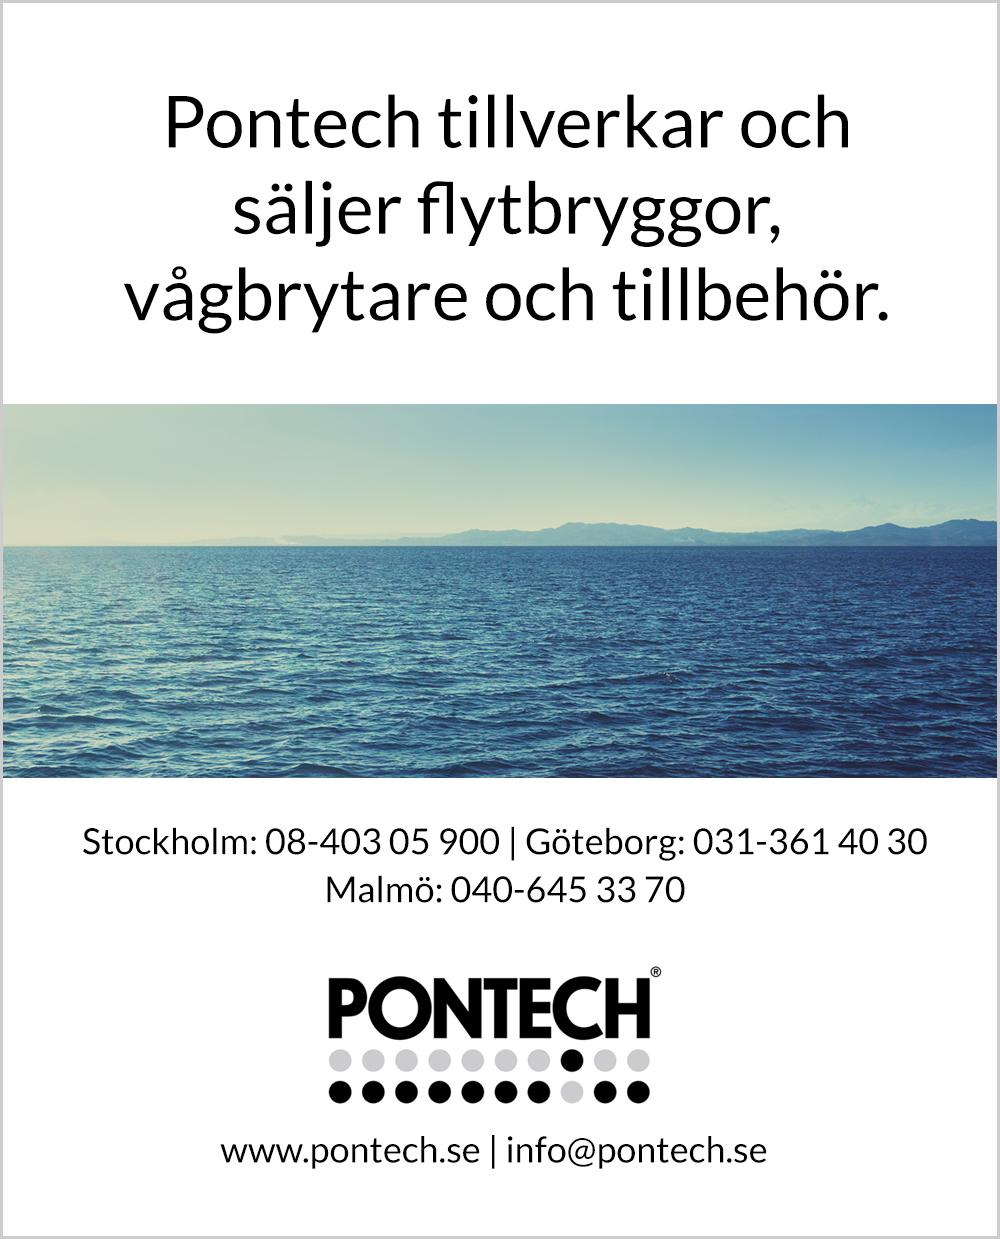 Pontech - Väder i skärgården - Tillverkar och säljer flytbryggor, vågbrytare och tillbehör.